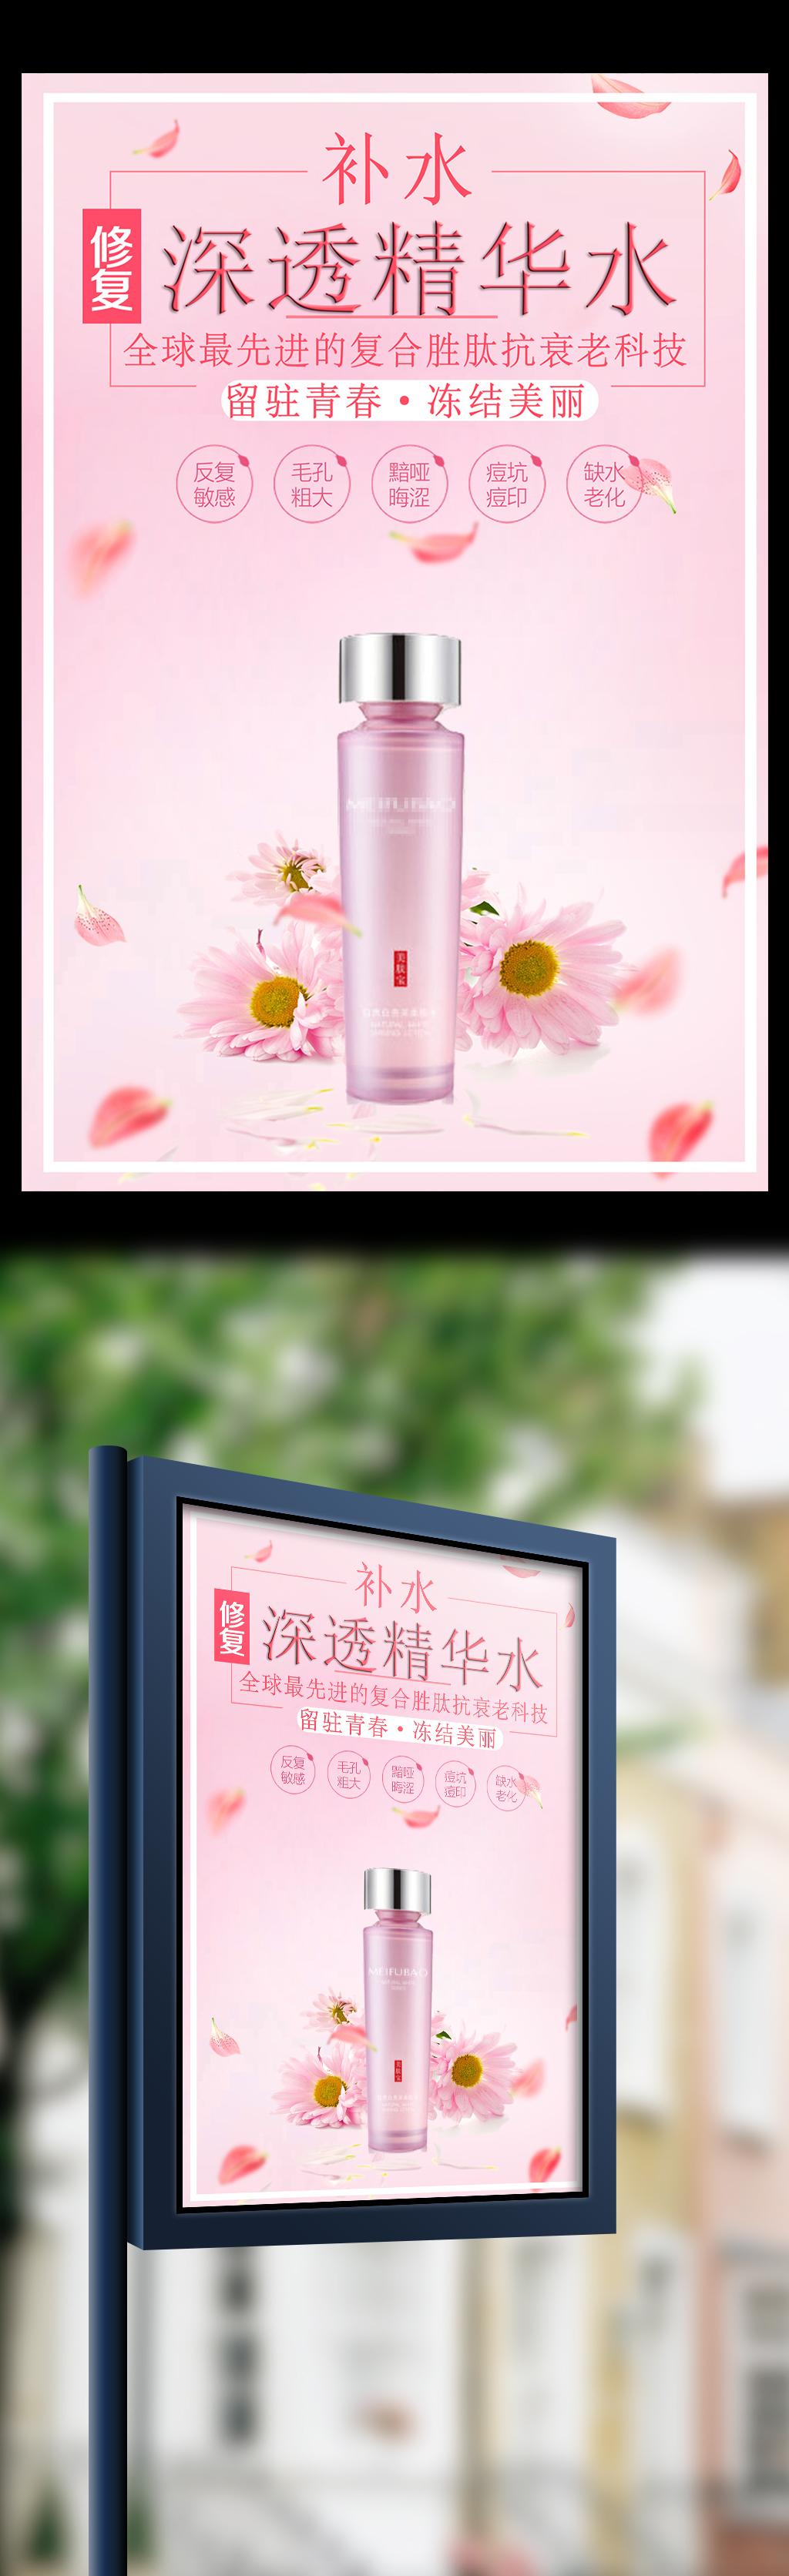 美容护肤品宣传海报图片设计素材_高清psd模板下载(29